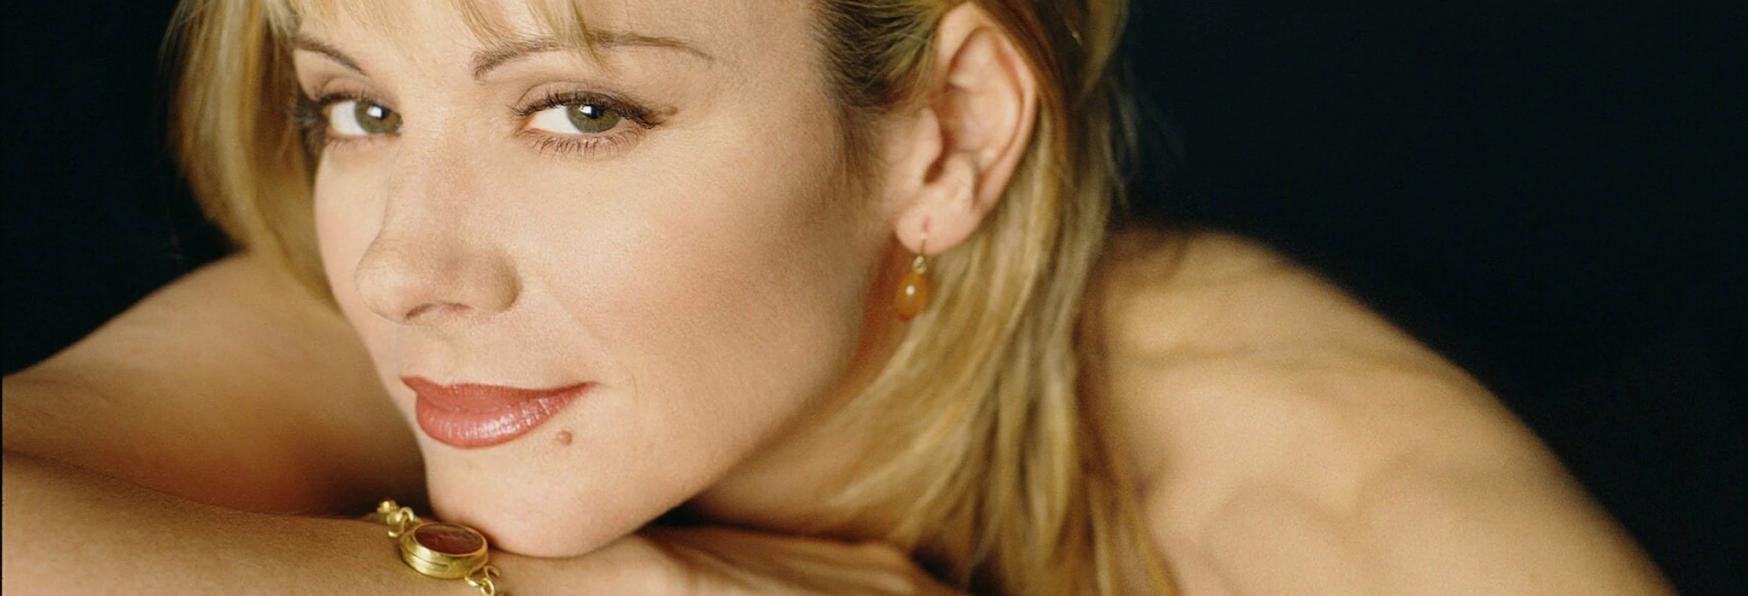 Sex and the City: i 10 Migliori Episodi di Samantha Jones, interpretata da Kim Cattrall